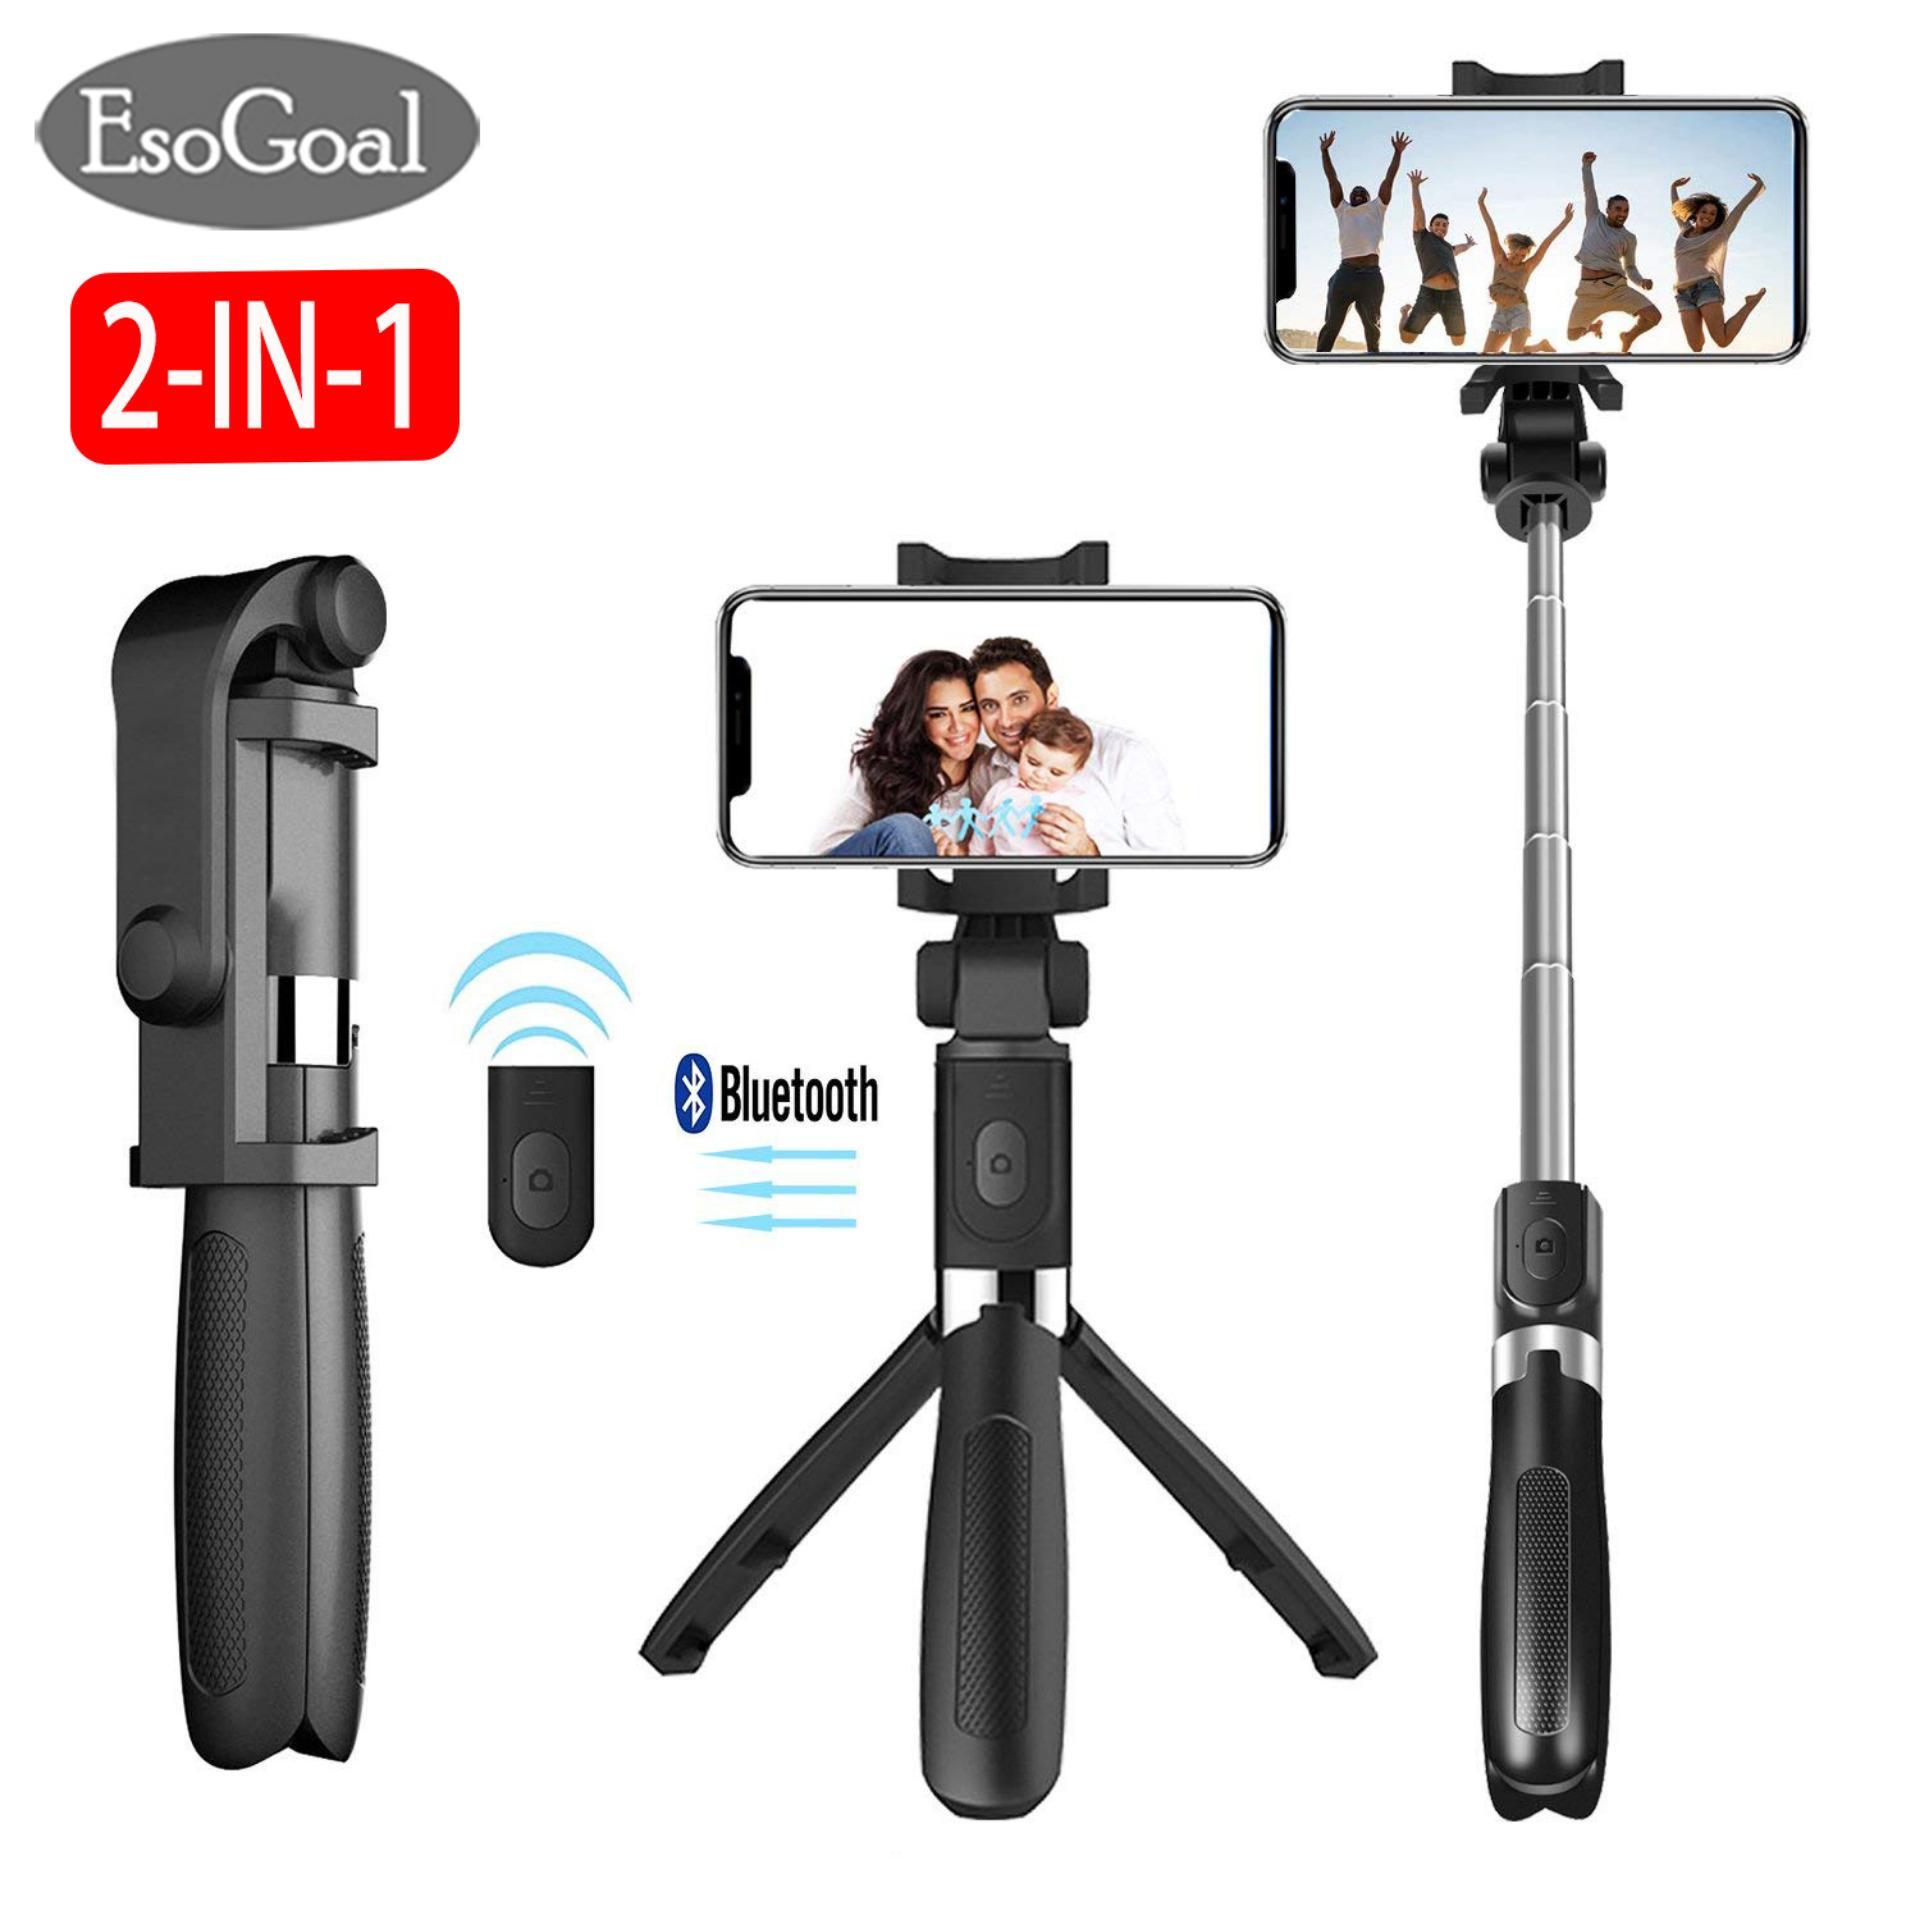 b0e318da55419b EsoGoal 2 in 1 Selfie Stick Tripod Bluetooth Selfie Stand with Remote  Shutter Foldable Tripod Monopod